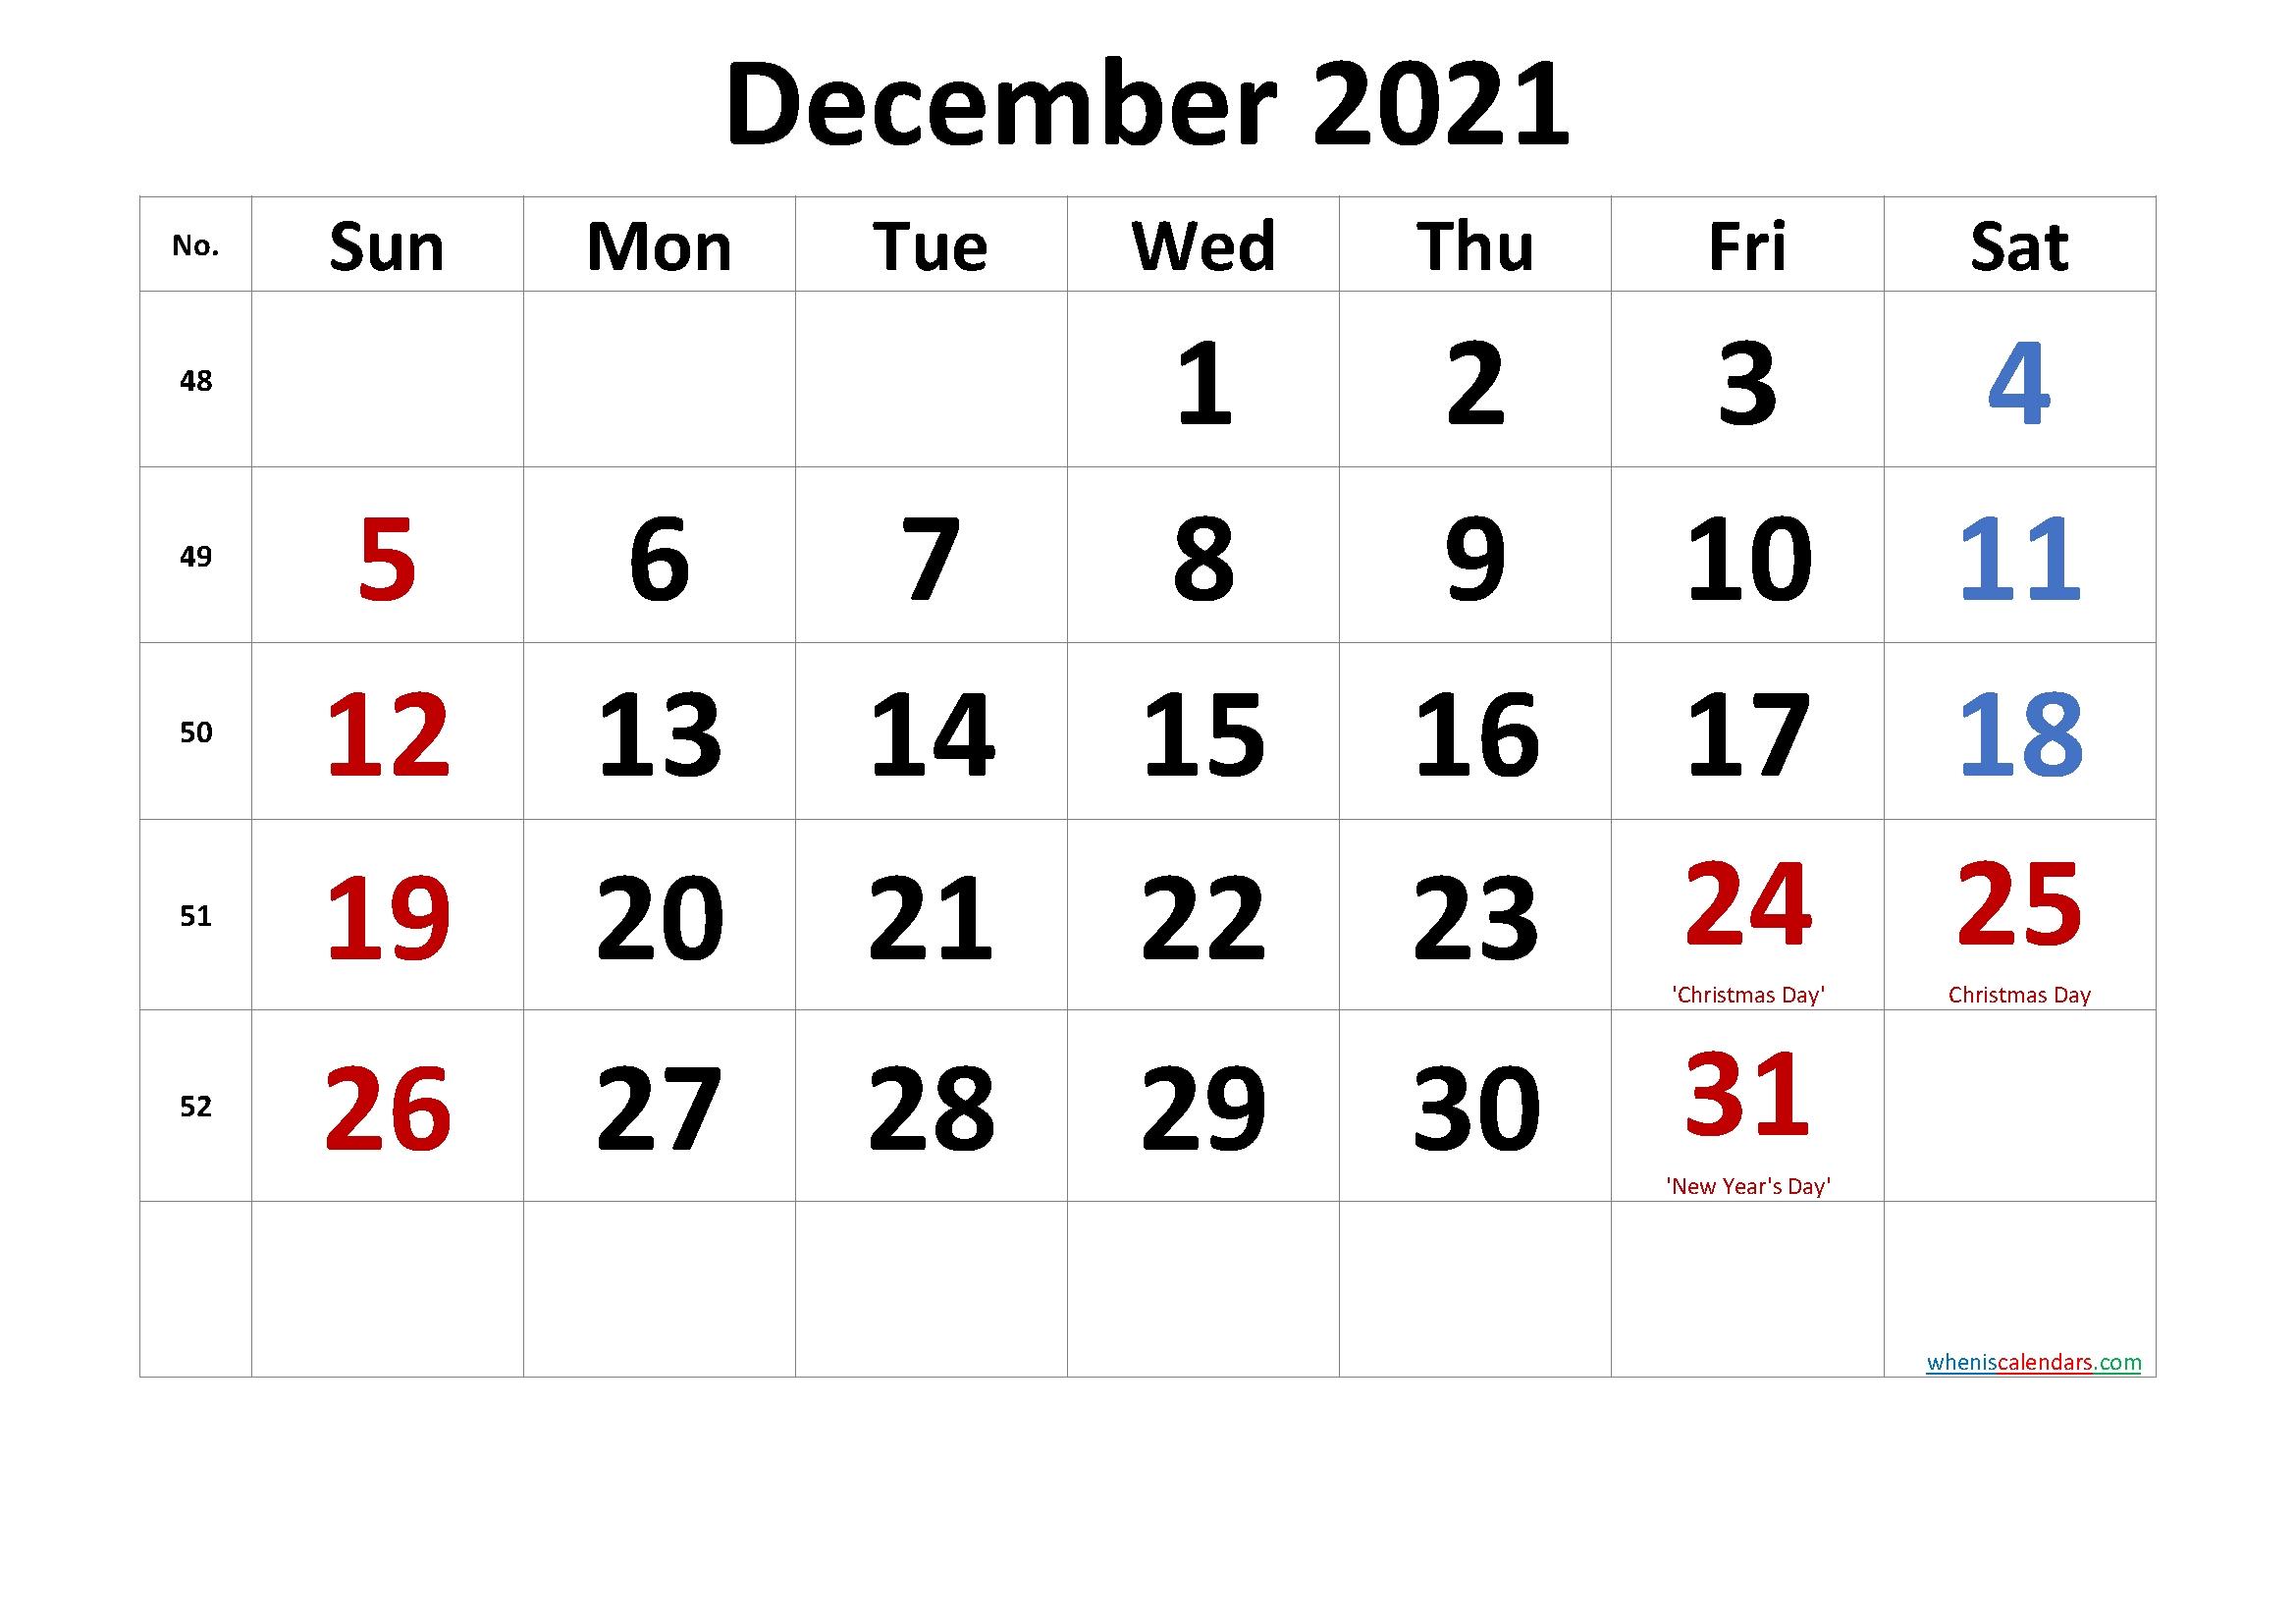 Catch December Christmas 2021 Calendar Template